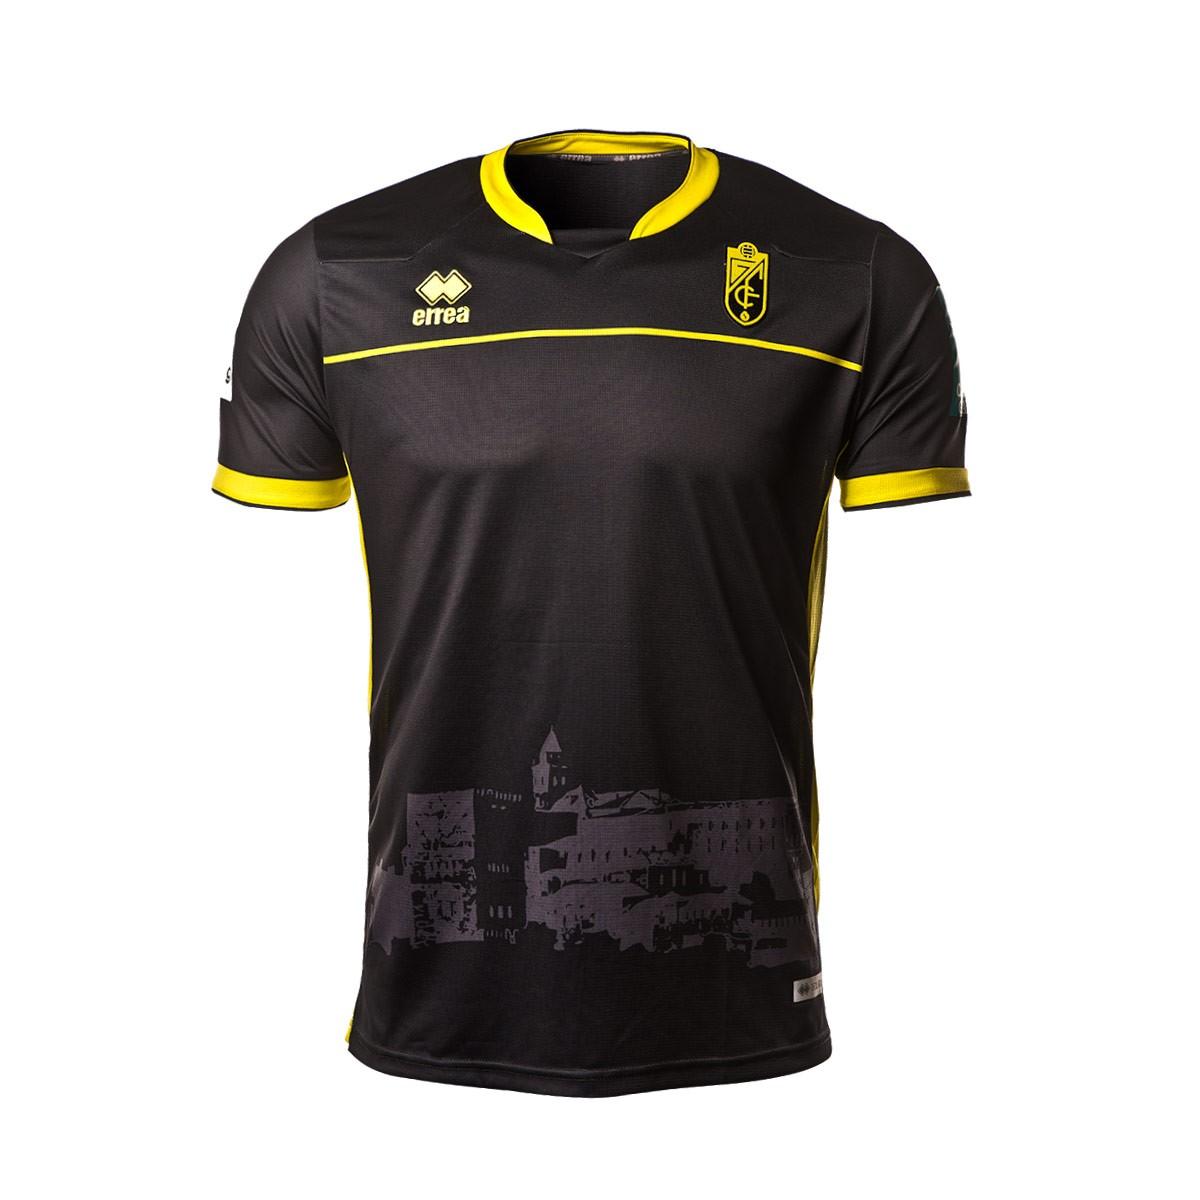 Camiseta Errea Granada CF Segunda Equipación 2018-2019 Negro - Soloporteros  es ahora Fútbol Emotion 3fd7a865a1a0b